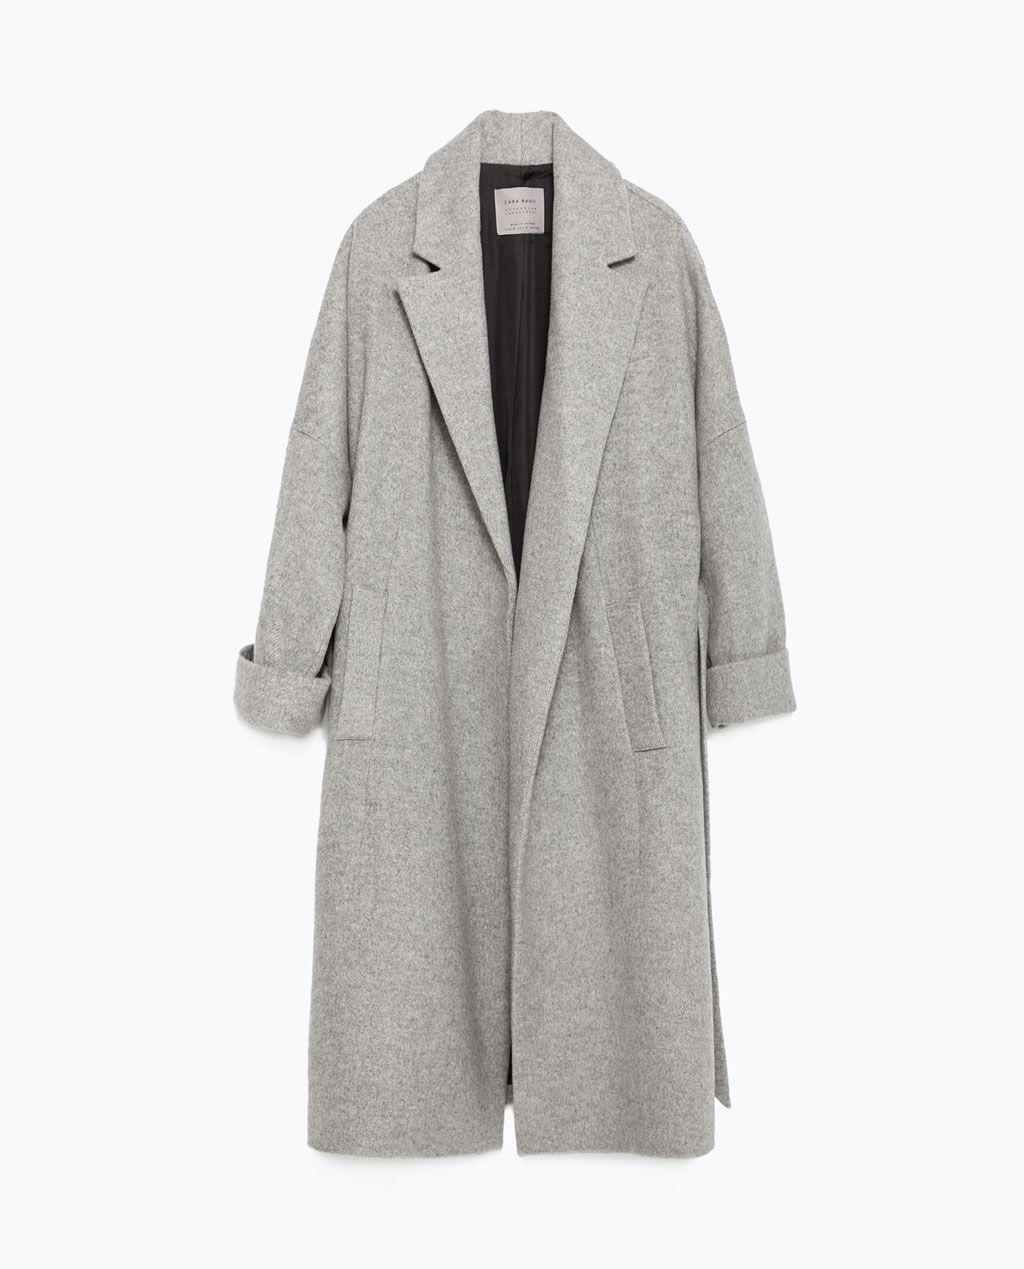 Long Et Zara Manteau Coats Manteau En Laine OqAP6